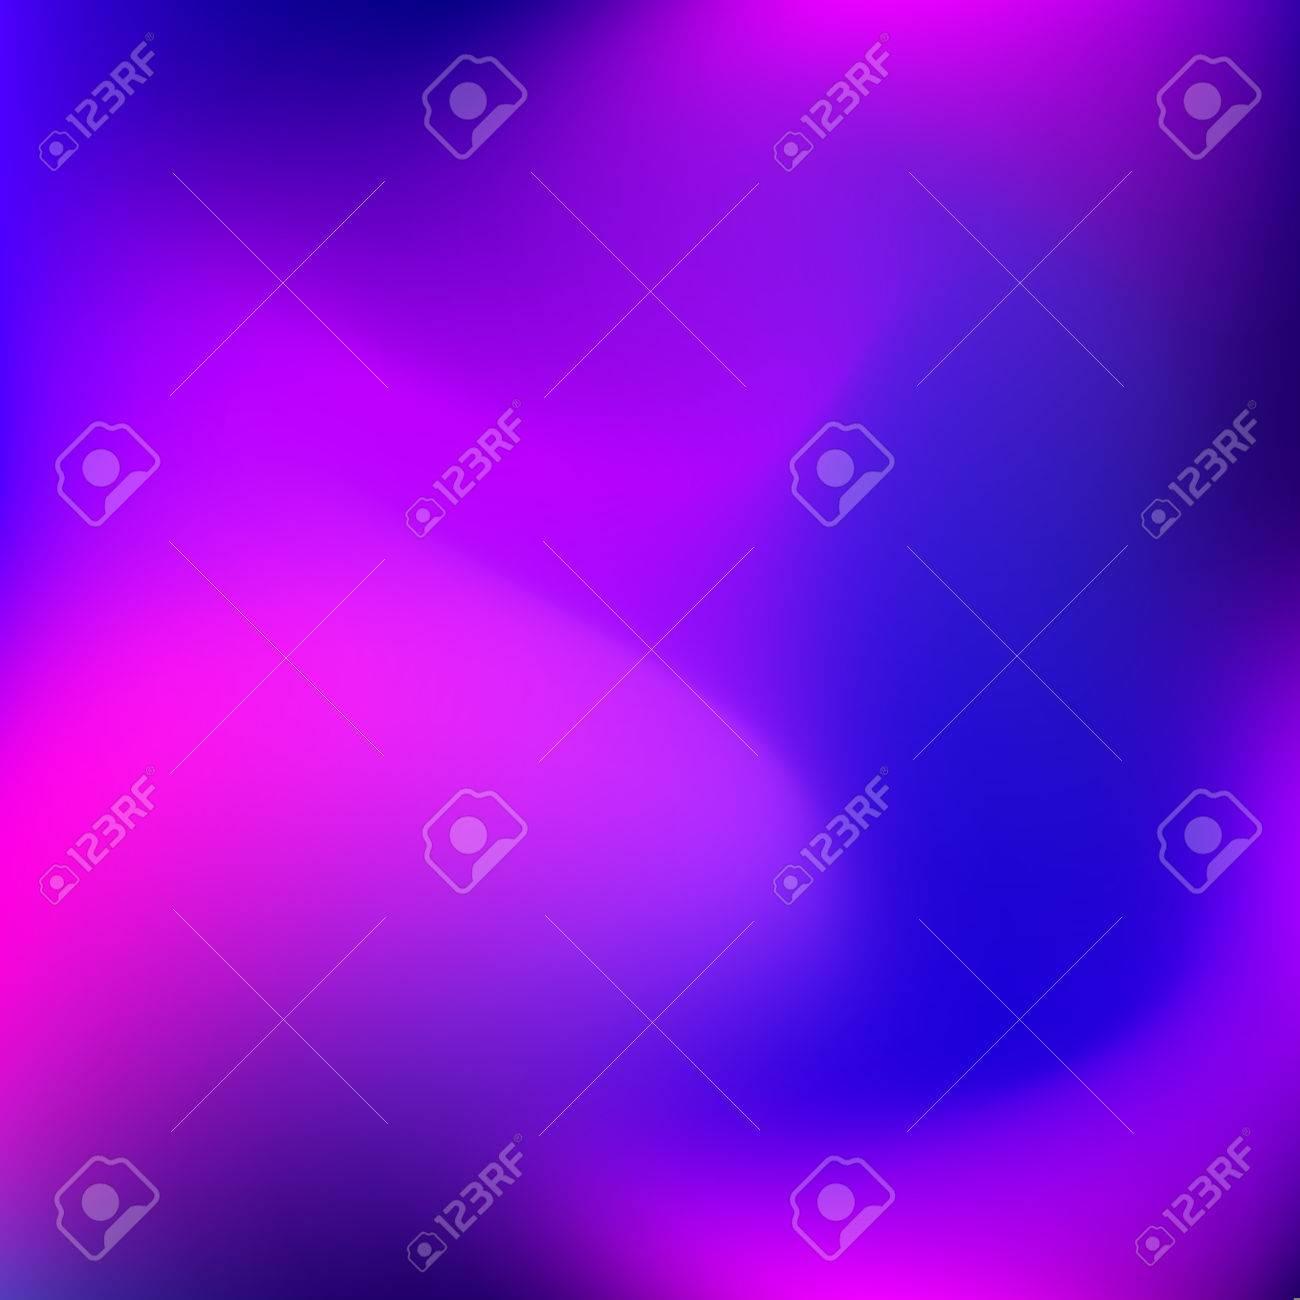 Resume Couleur De Gradient De Tendance Pastel Rose Violet Et Bleu